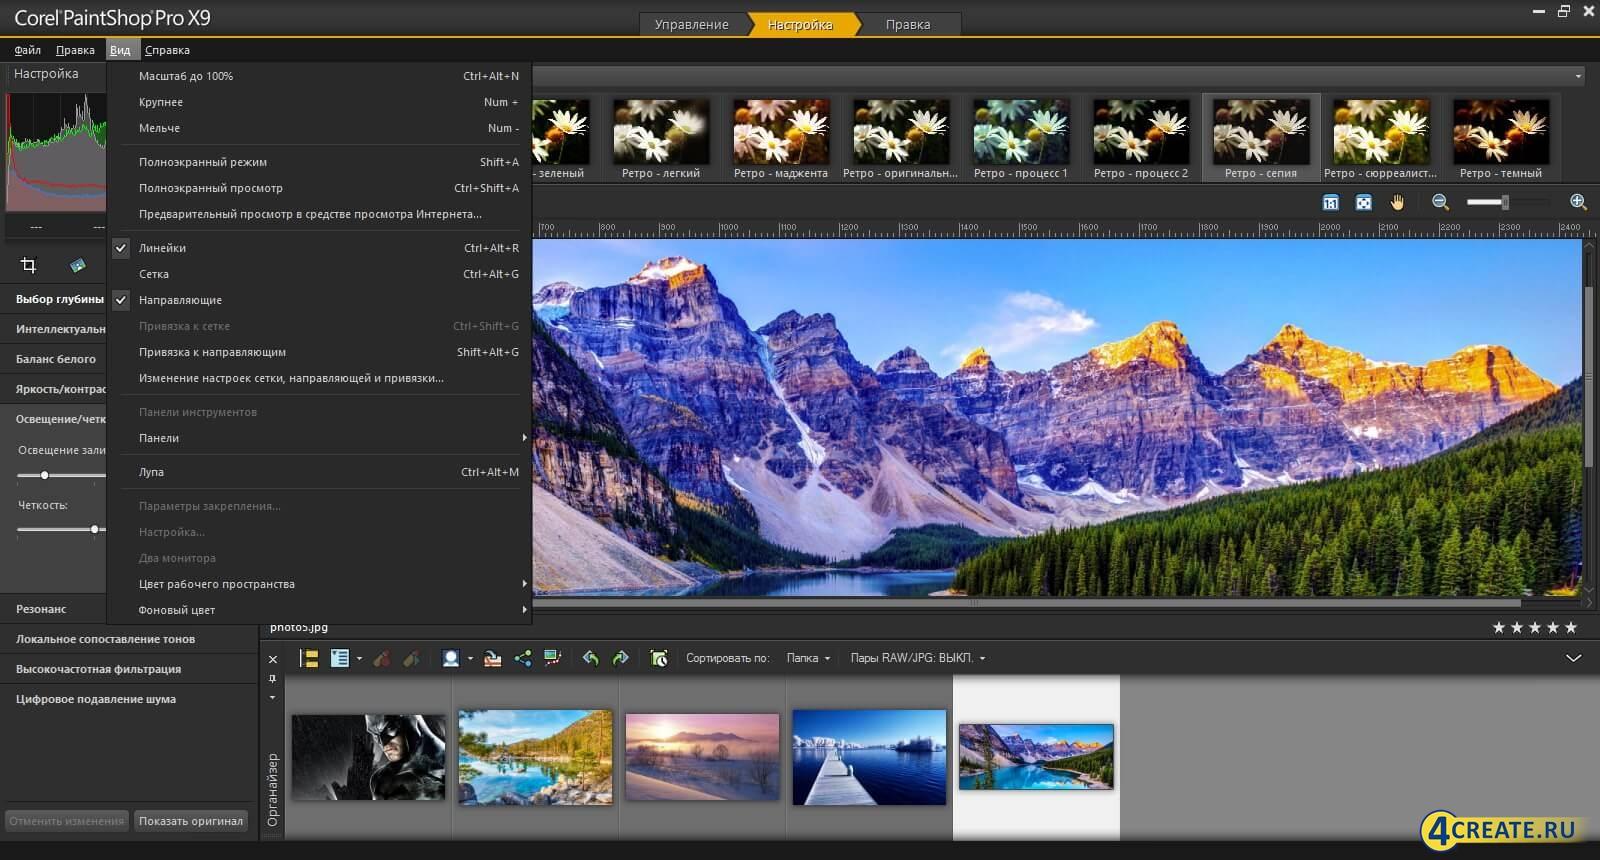 Corel PaintShop Pro X9 (Скриншот 4)